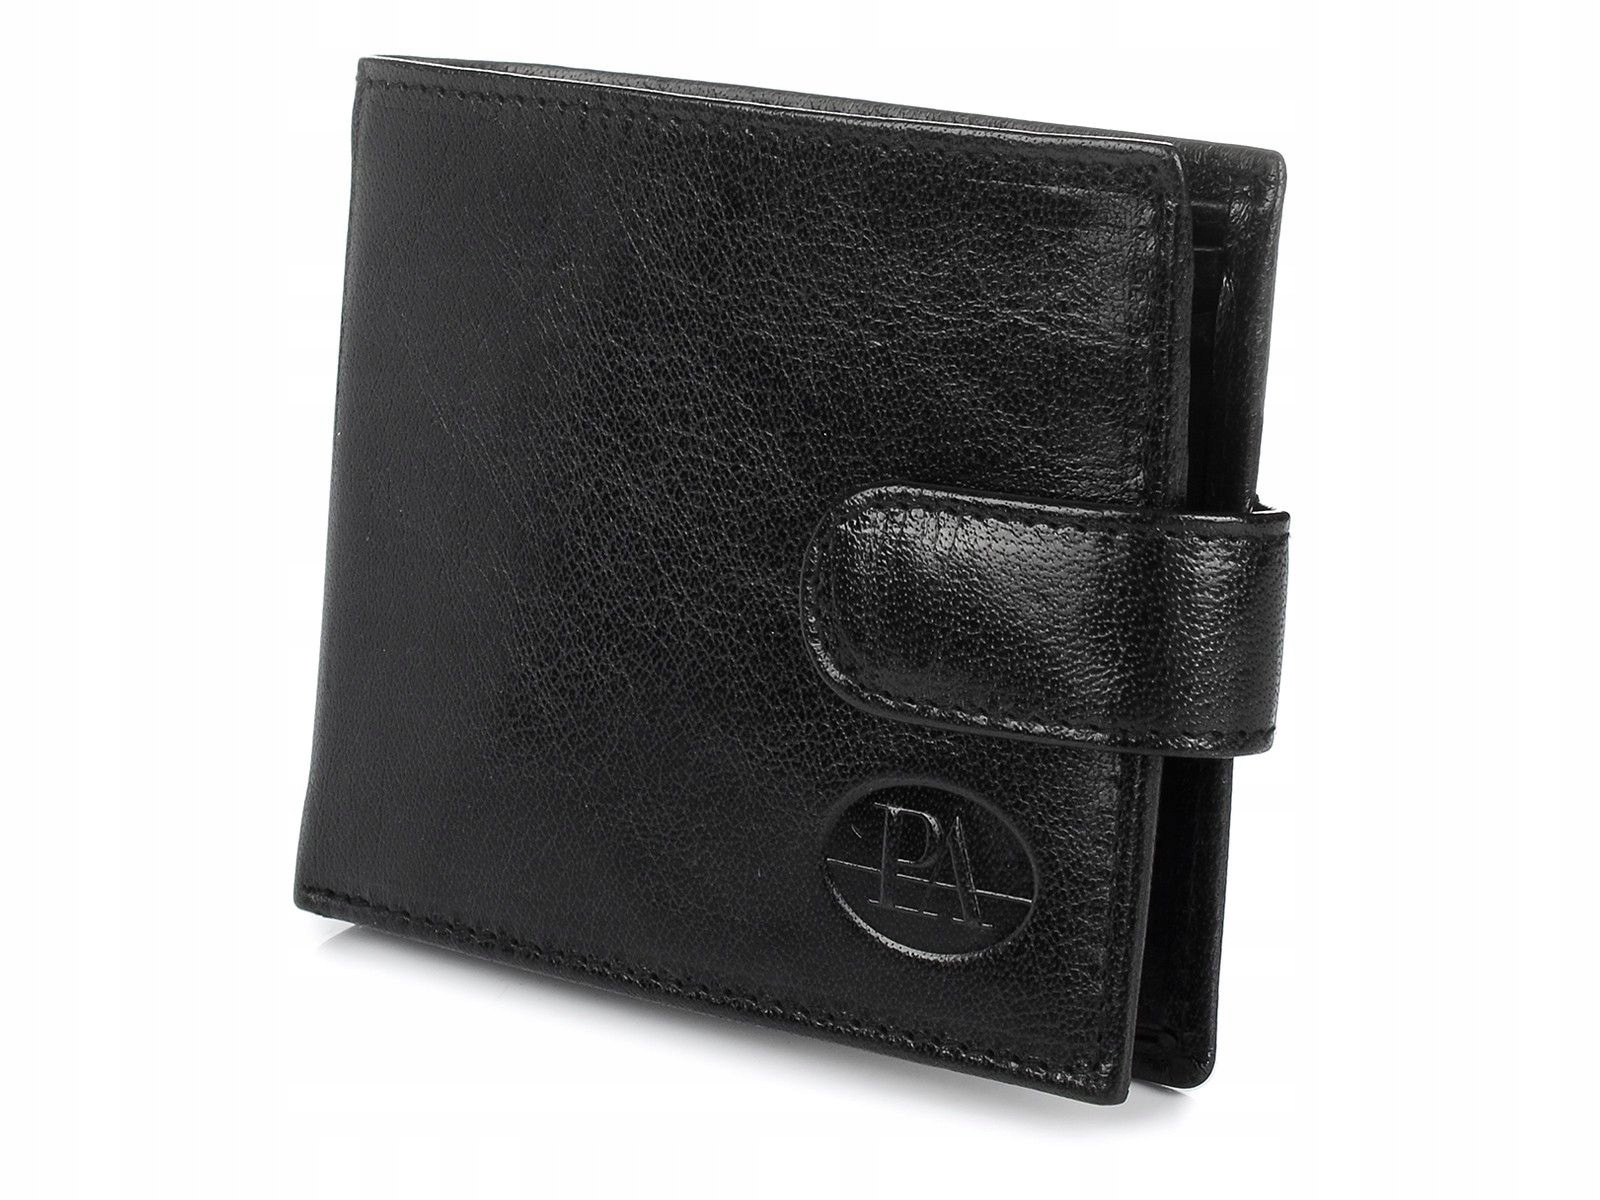 25ae18b8b3c3c męski portfel w Oficjalnym Archiwum Allegro - Strona 42 - archiwum ofert